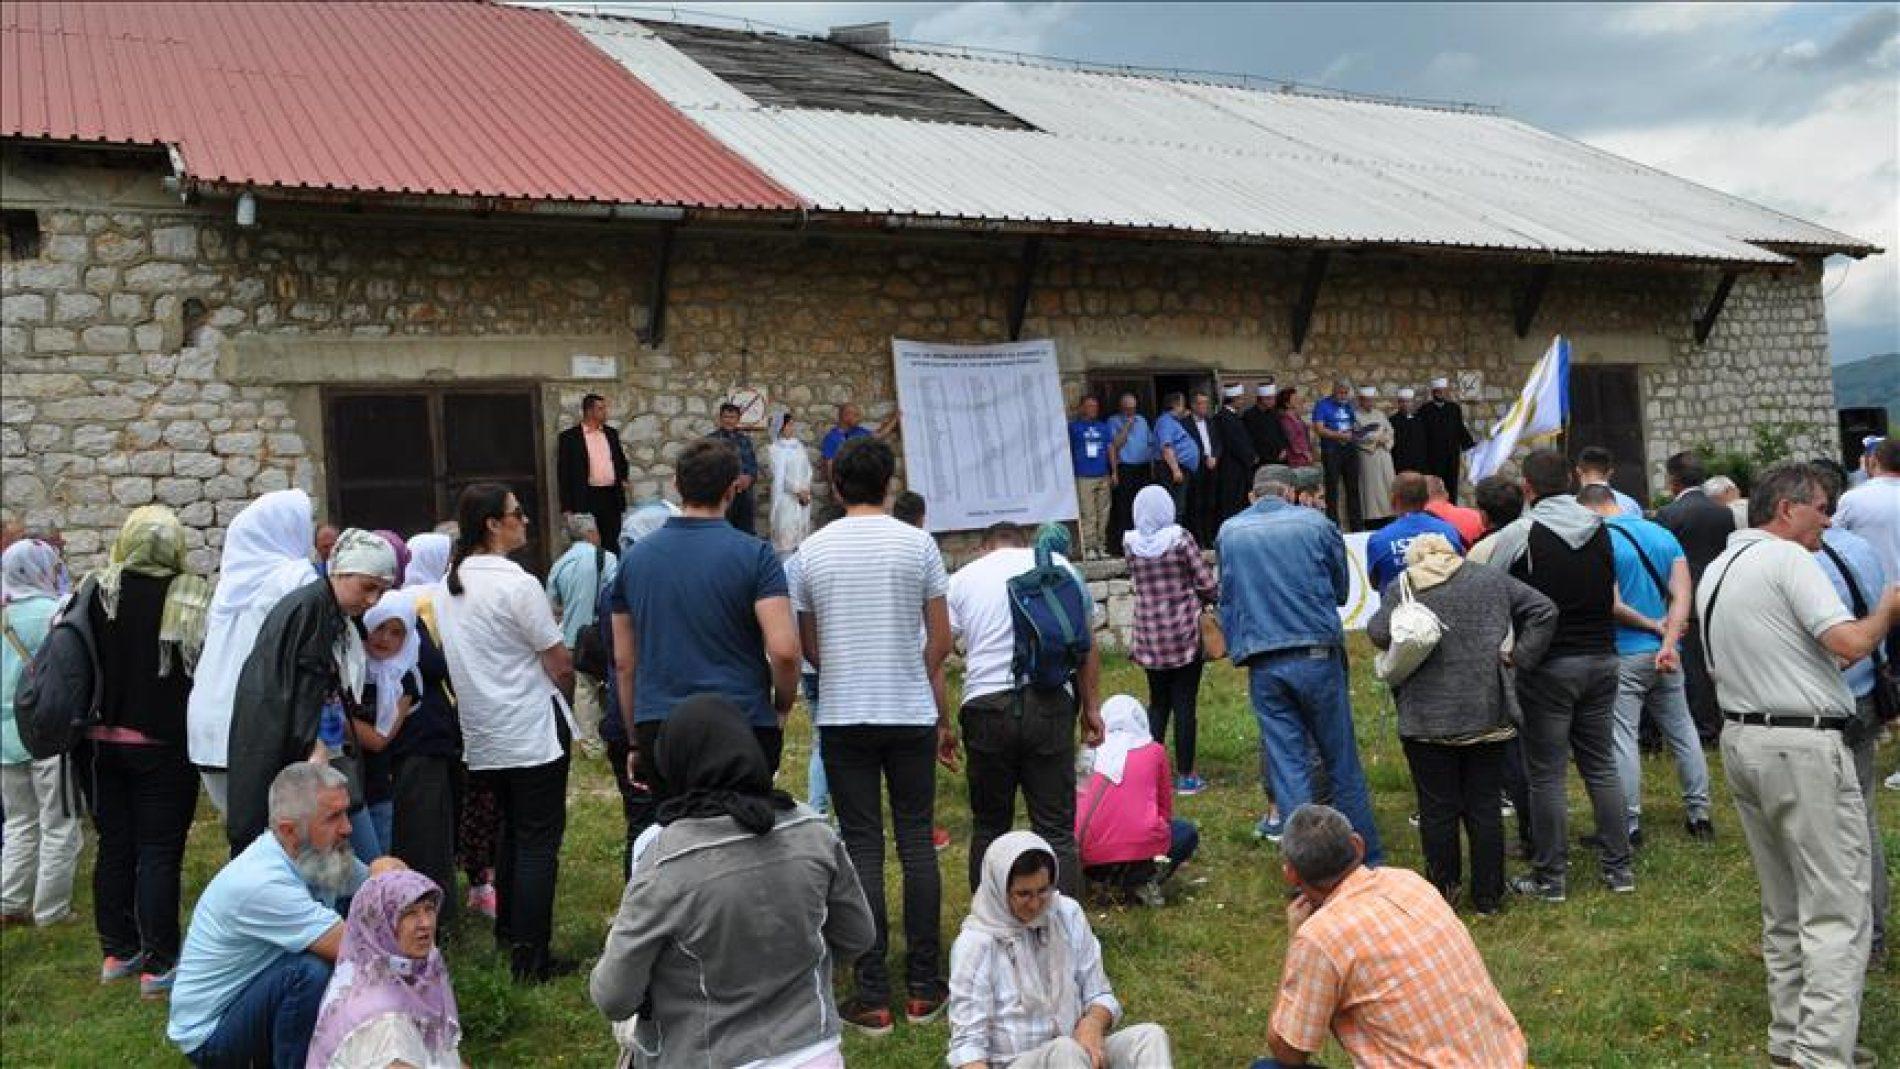 Obilježena 25. godišnjica stradanja Bošnjaka Kalinovika i susjednih opština